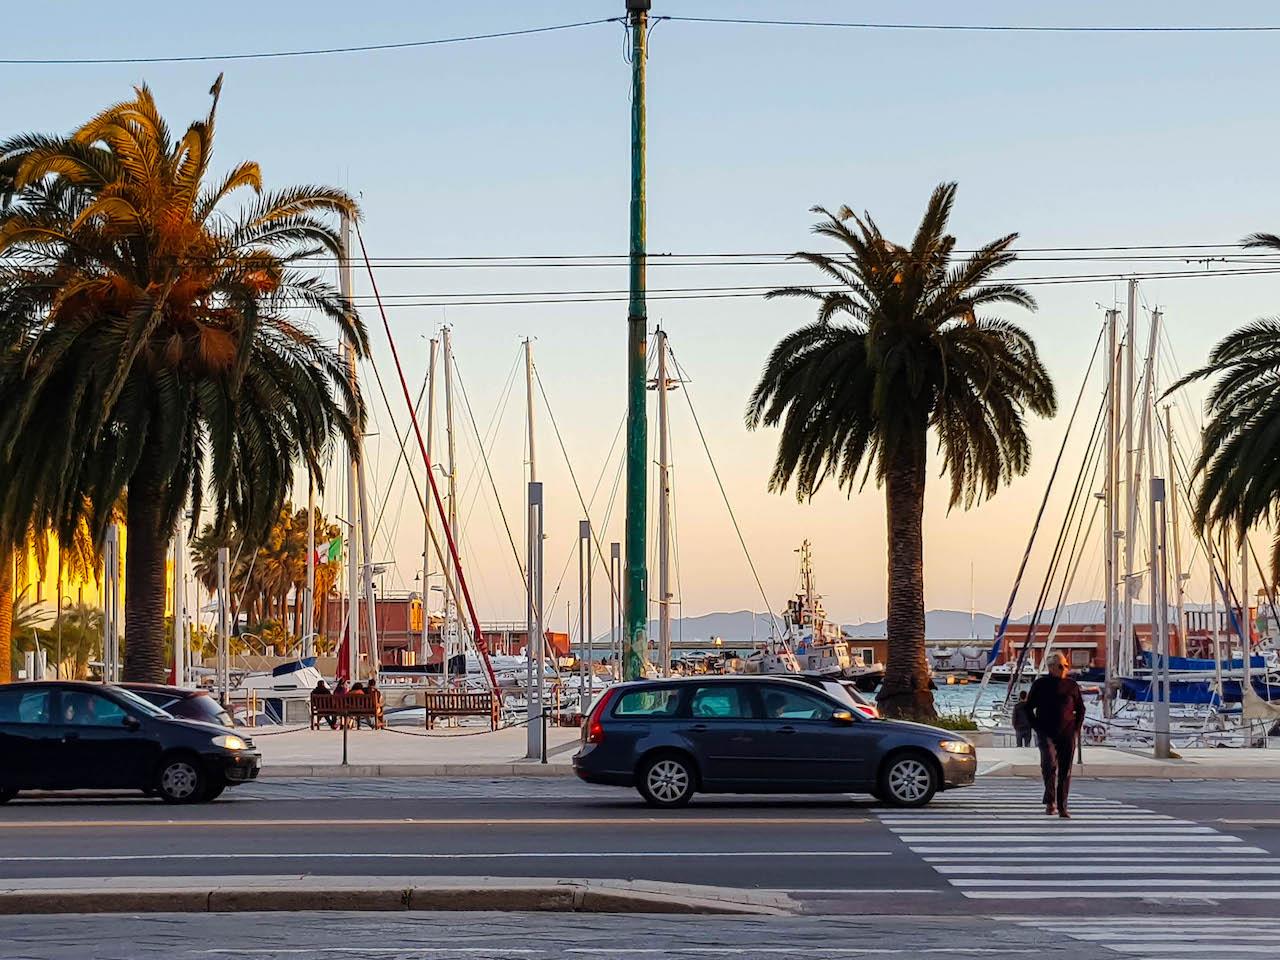 Abendstimmung in Cagliari.